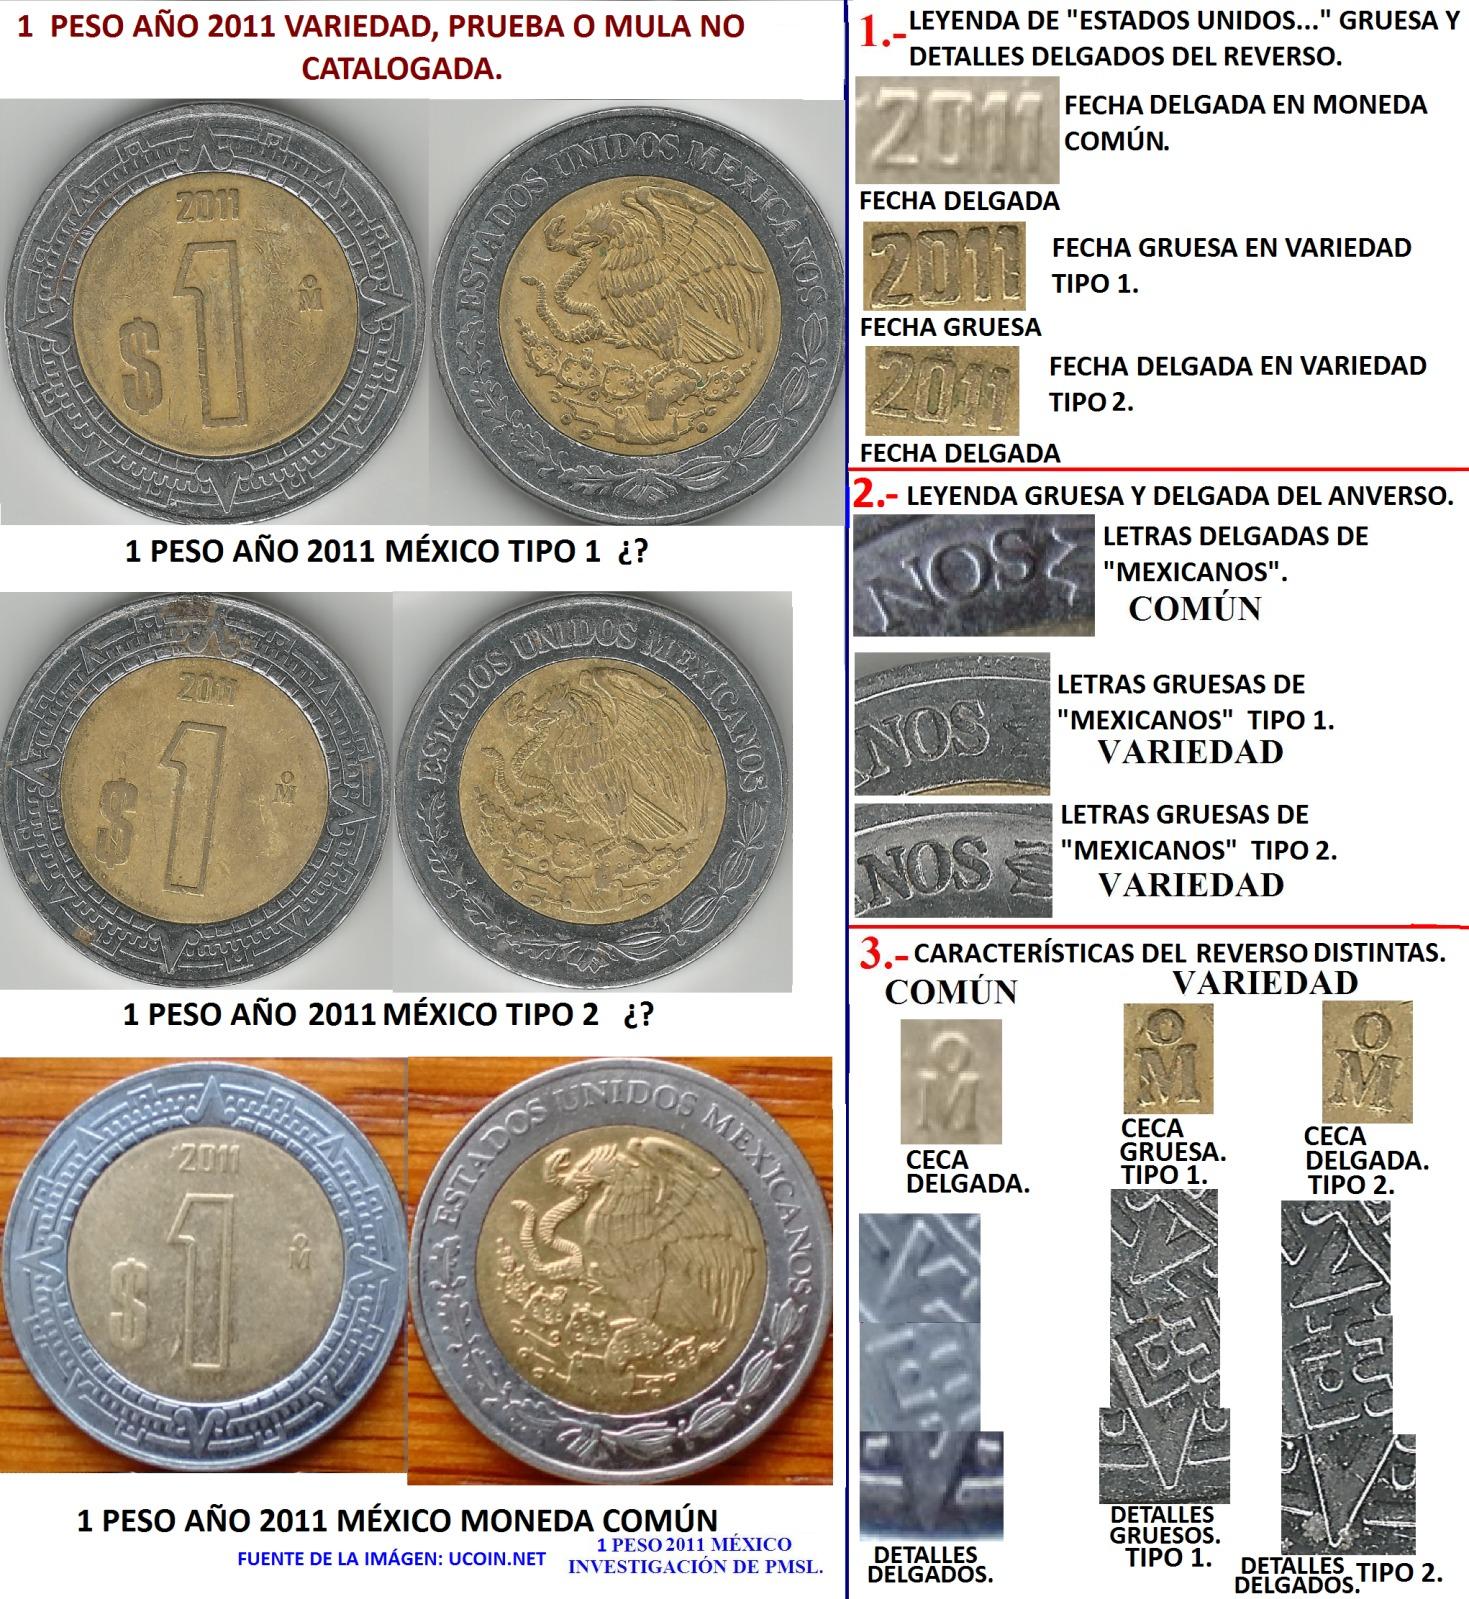 Pesos Mexicanos Actuales: últimos descubrimientos más raros. 2uj4lk6